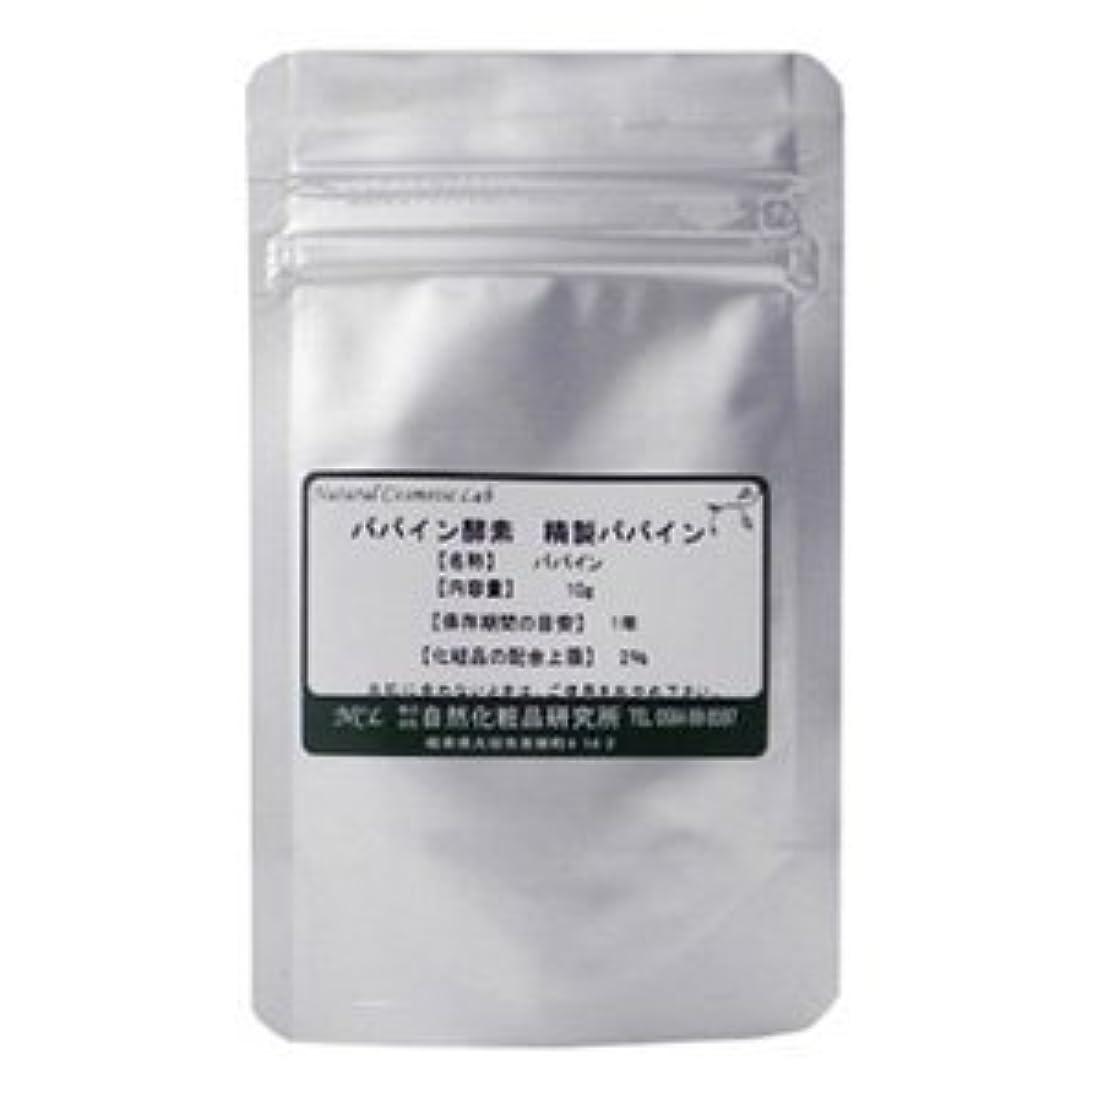 重なる交渉する予想外パパイン酵素 精製パパイン 洗顔料 化粧品原料 10g